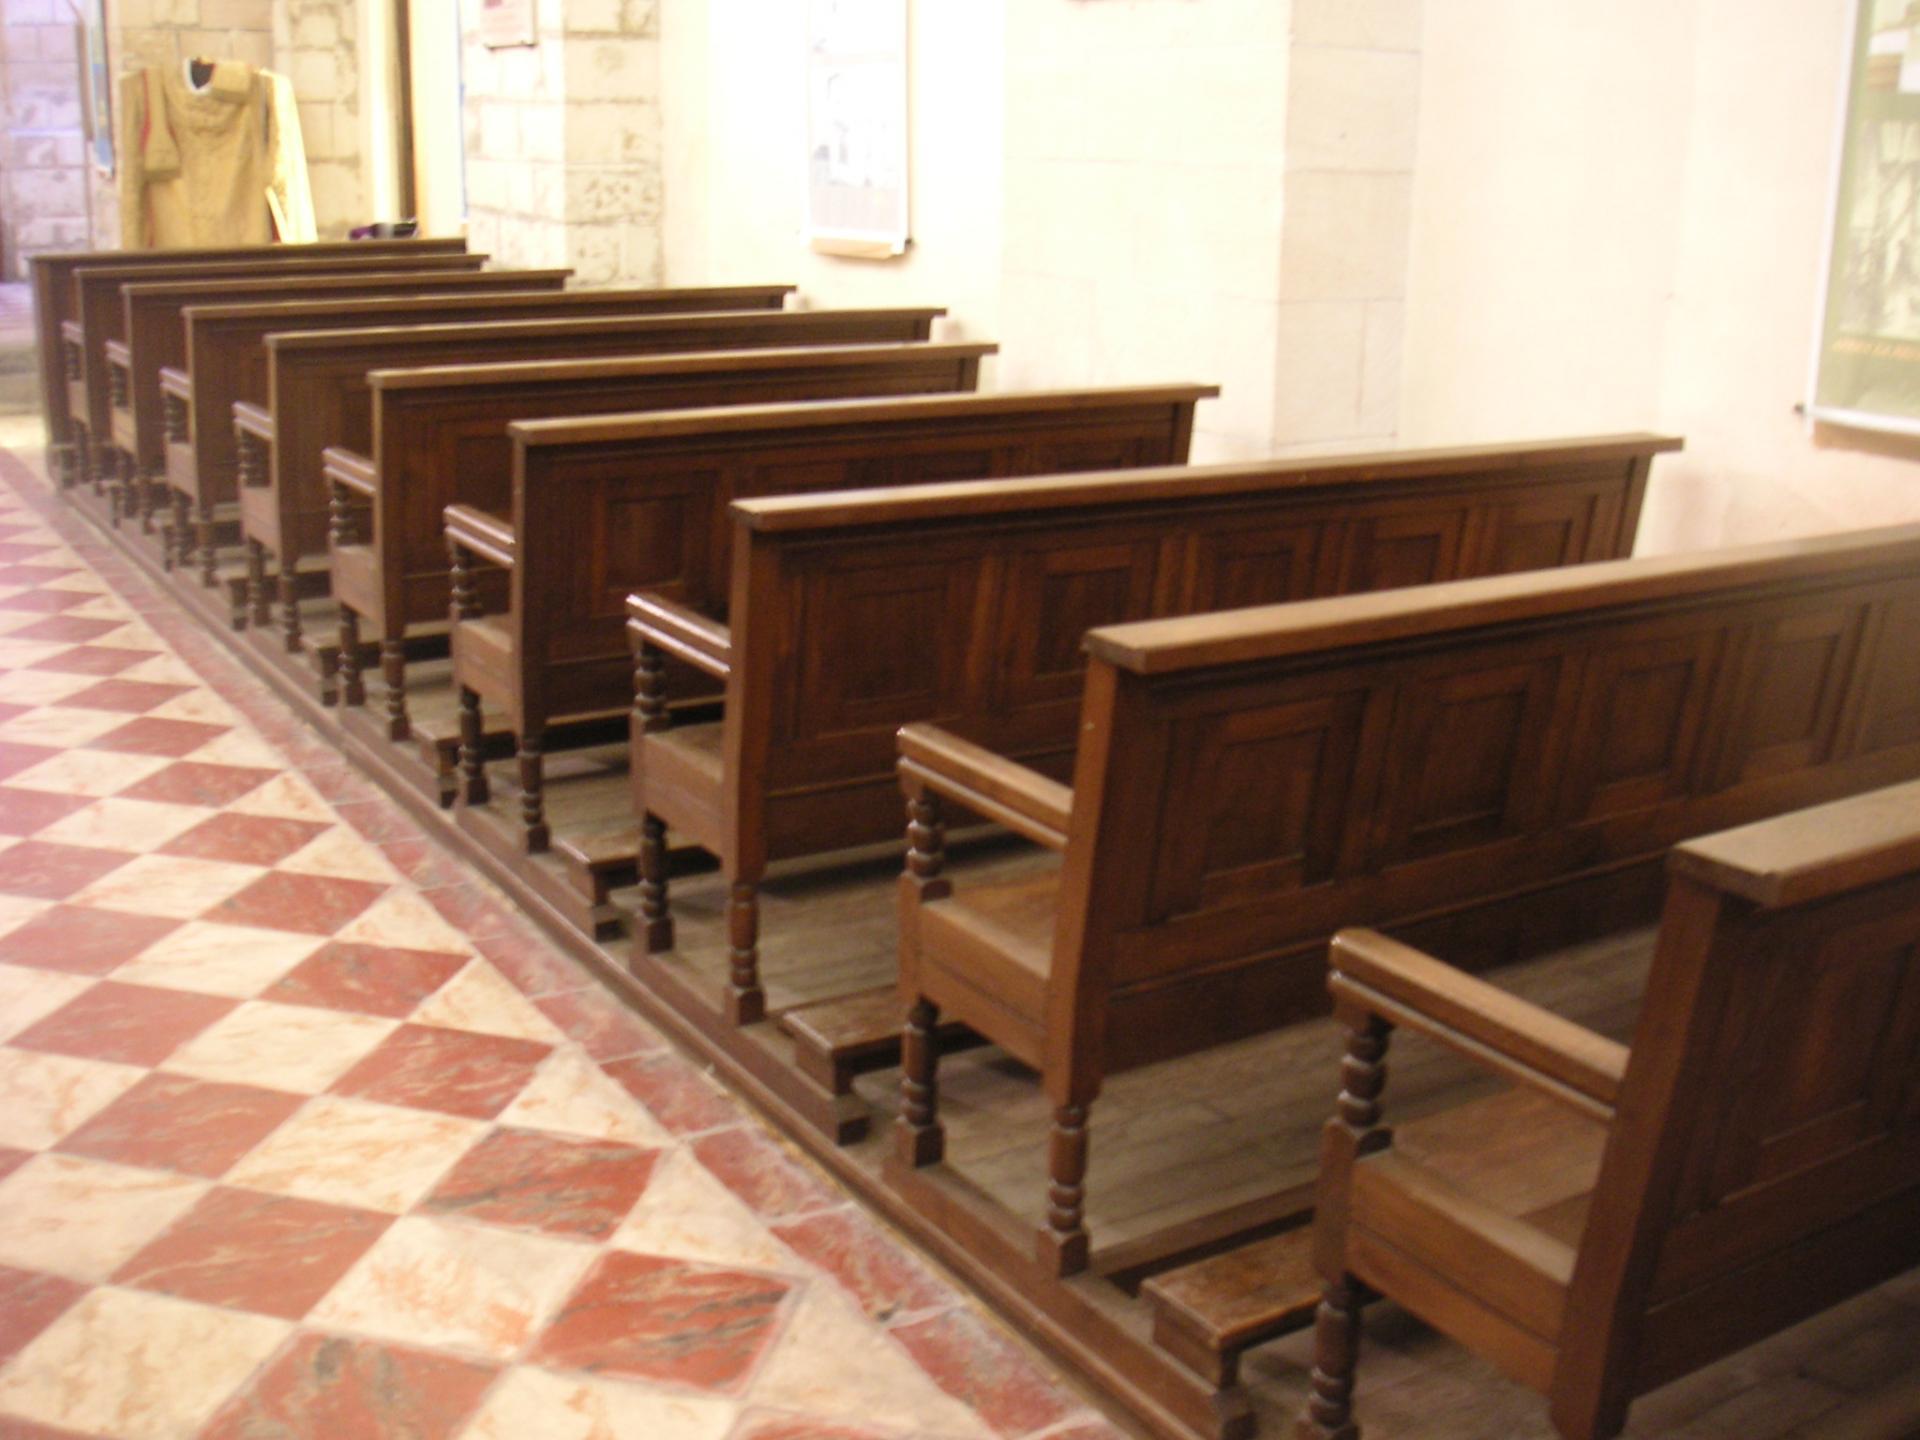 Le mobilier bois (confessionnal, les bancs de la nef, les stalles...) a été conçu par ?